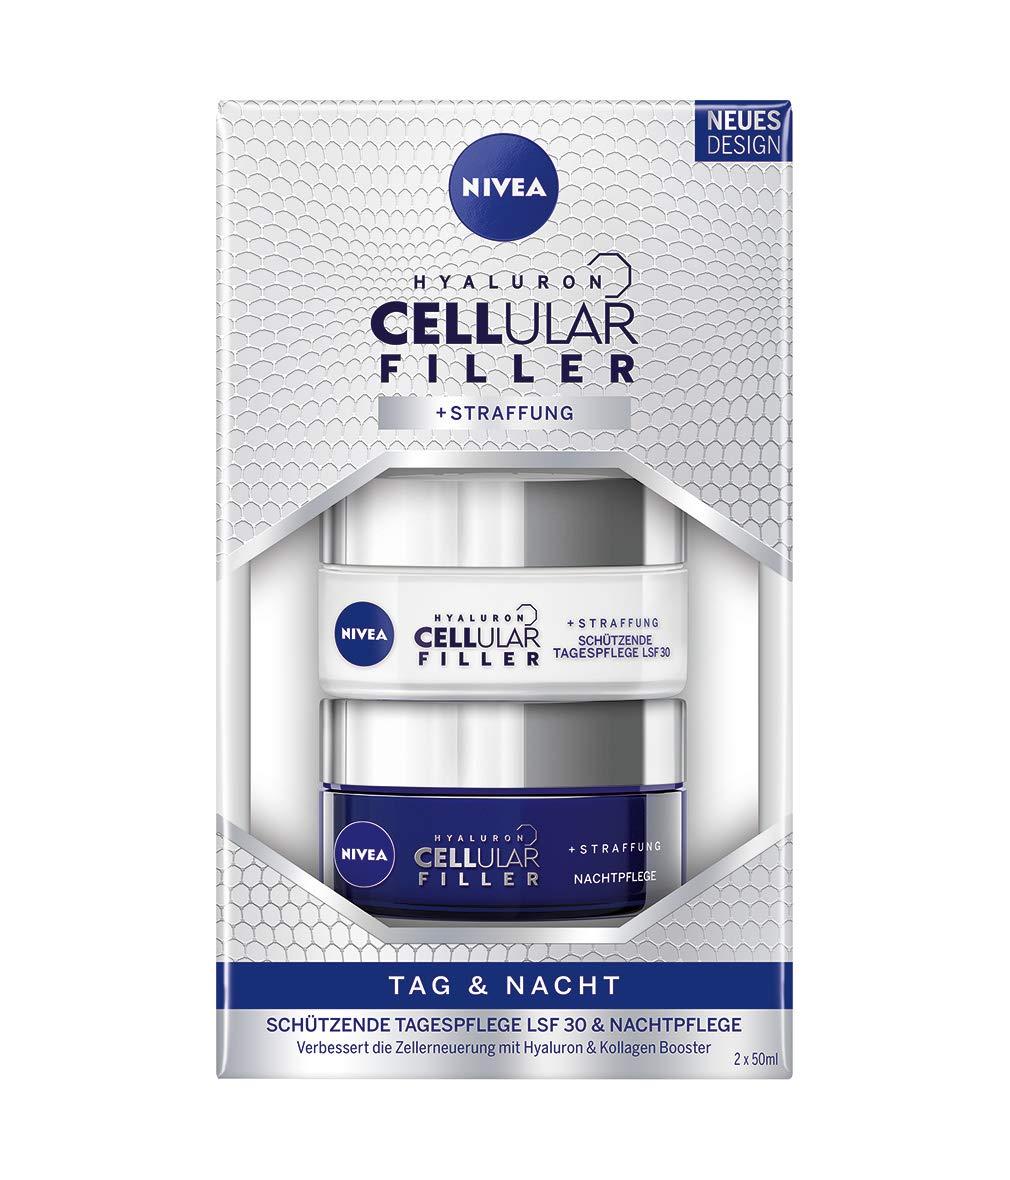 NIVEA Hyaluron Cellular Filler + Straffung Tag und Nacht Pflege-Set, 100 ml 91565-01008-07